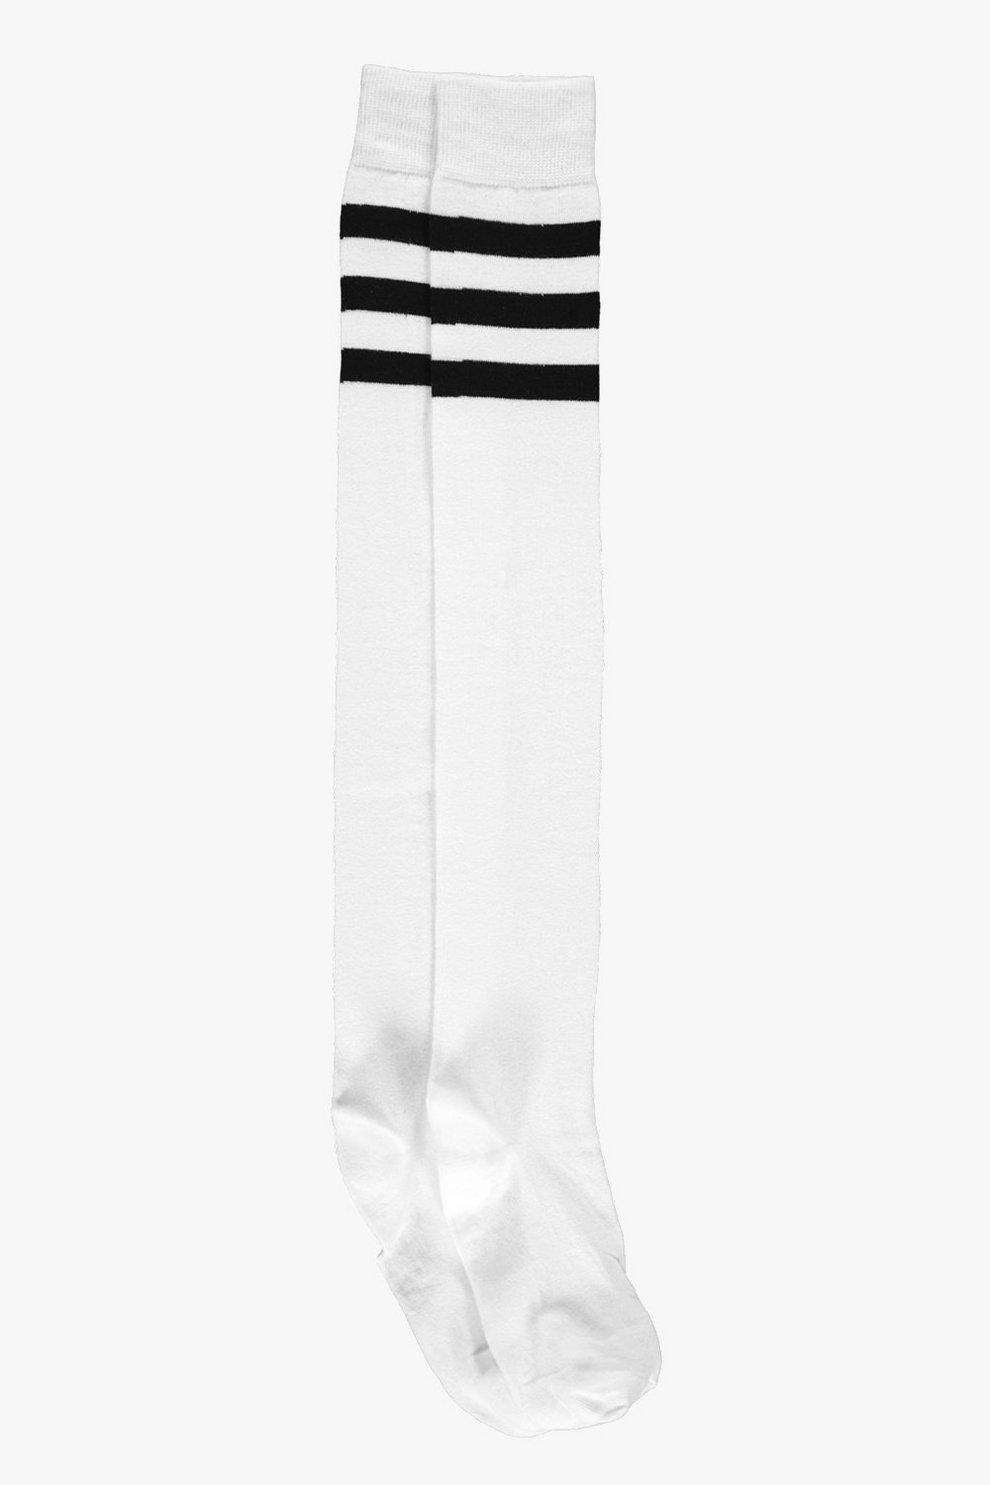 différemment acheter pas cher plus près de Chaussettes hautes rayées